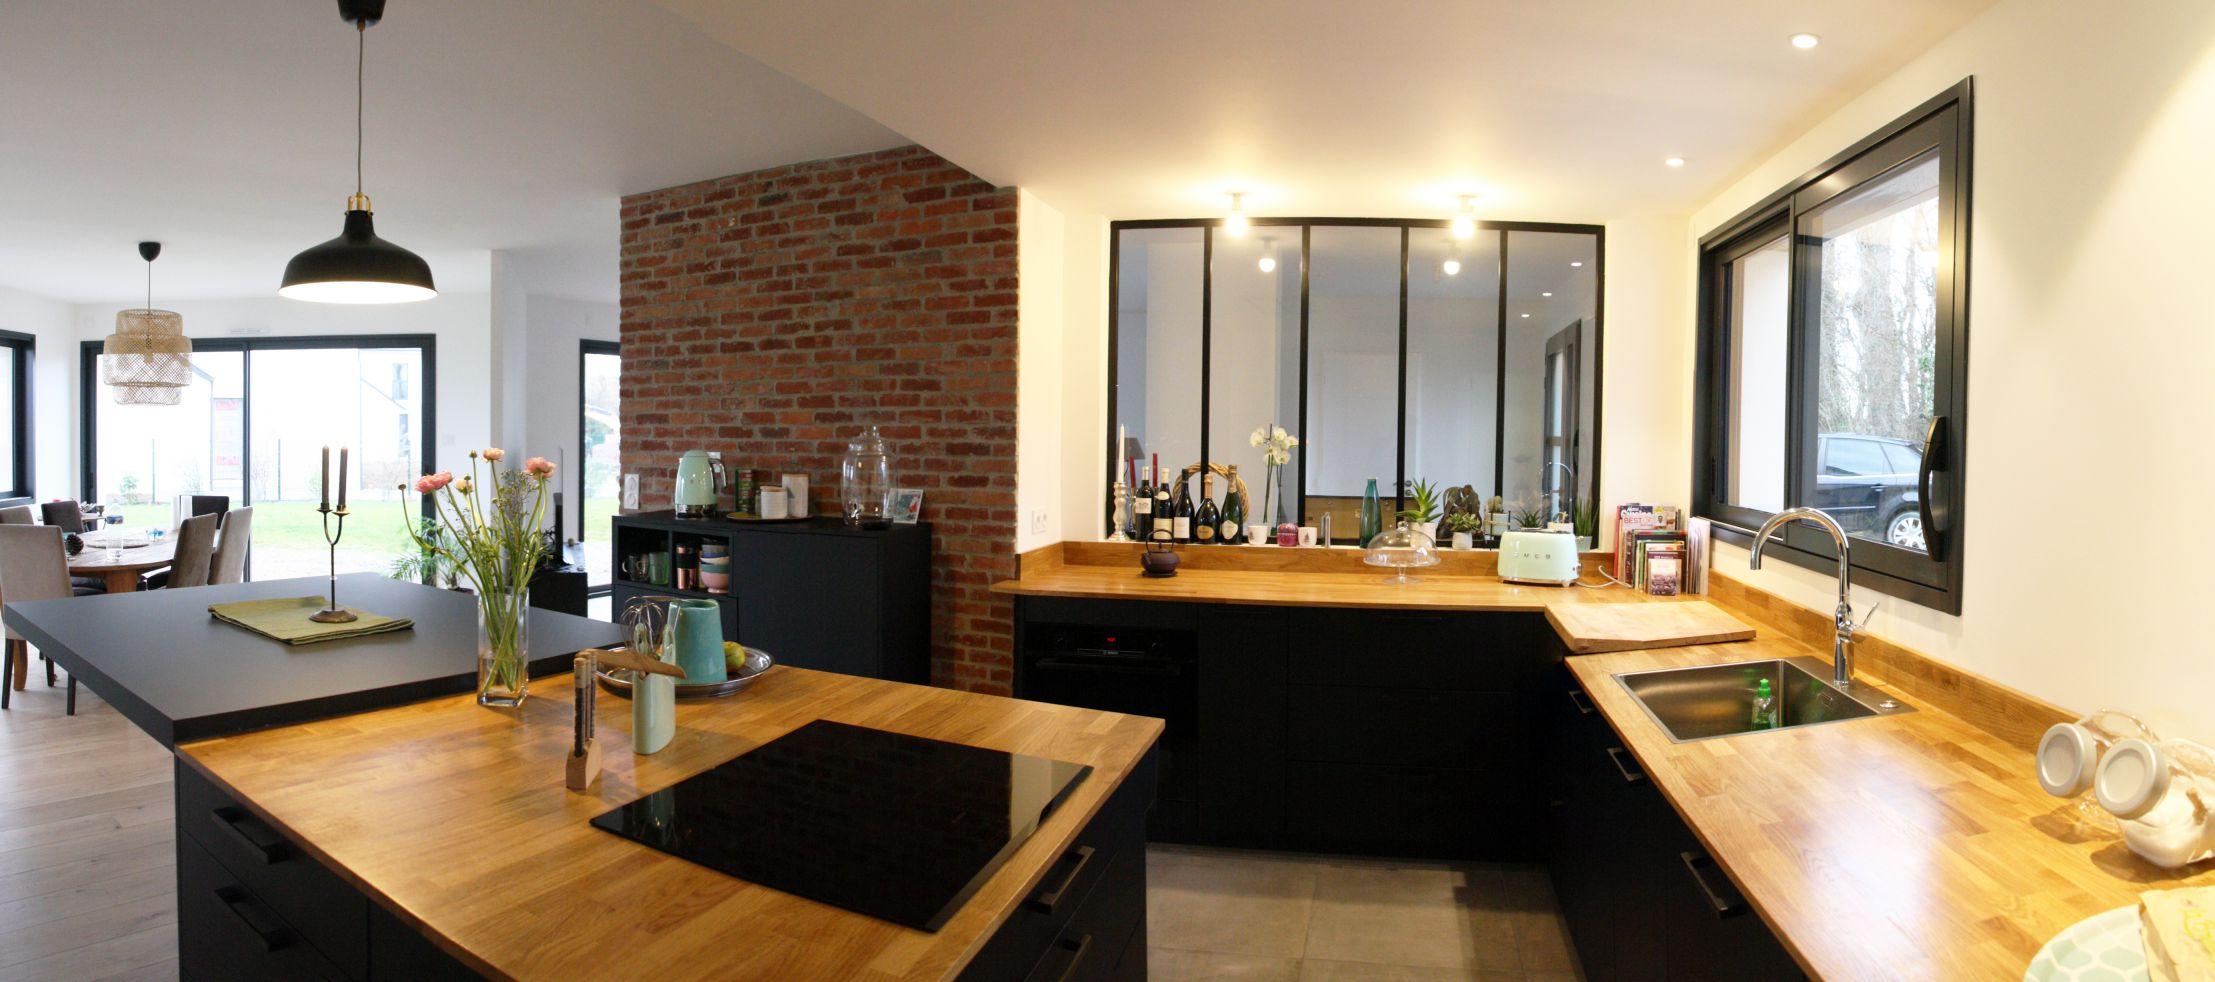 cuisine - noir - bois - mur - brique - verrière